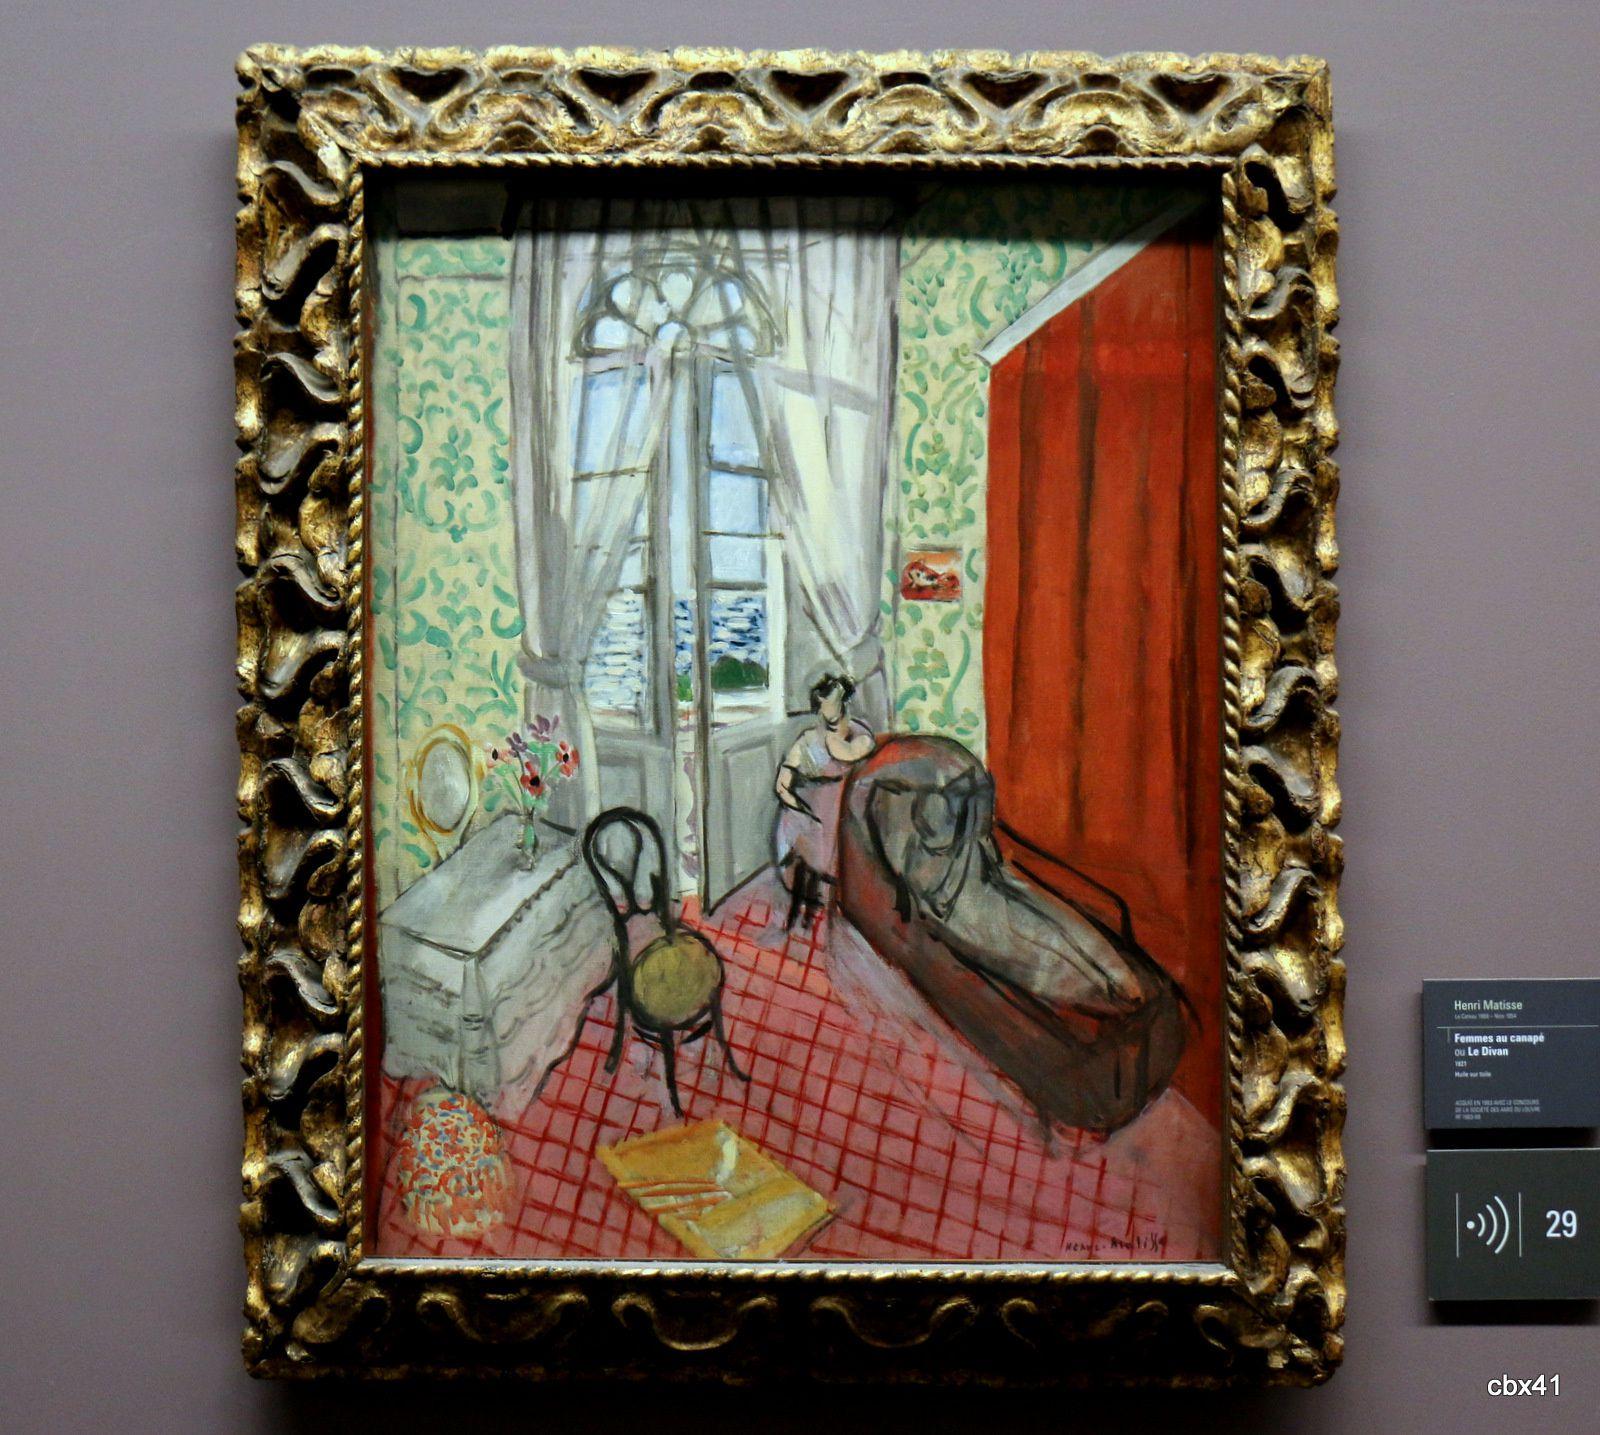 Henri Matisse, Femmes au canapé ou Le Divan